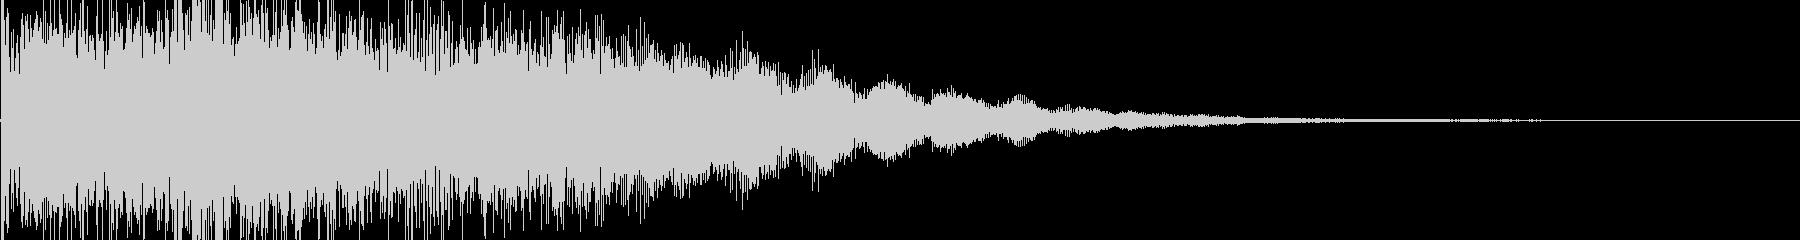 キララーン ゲーム用SE育成レベルアップの未再生の波形